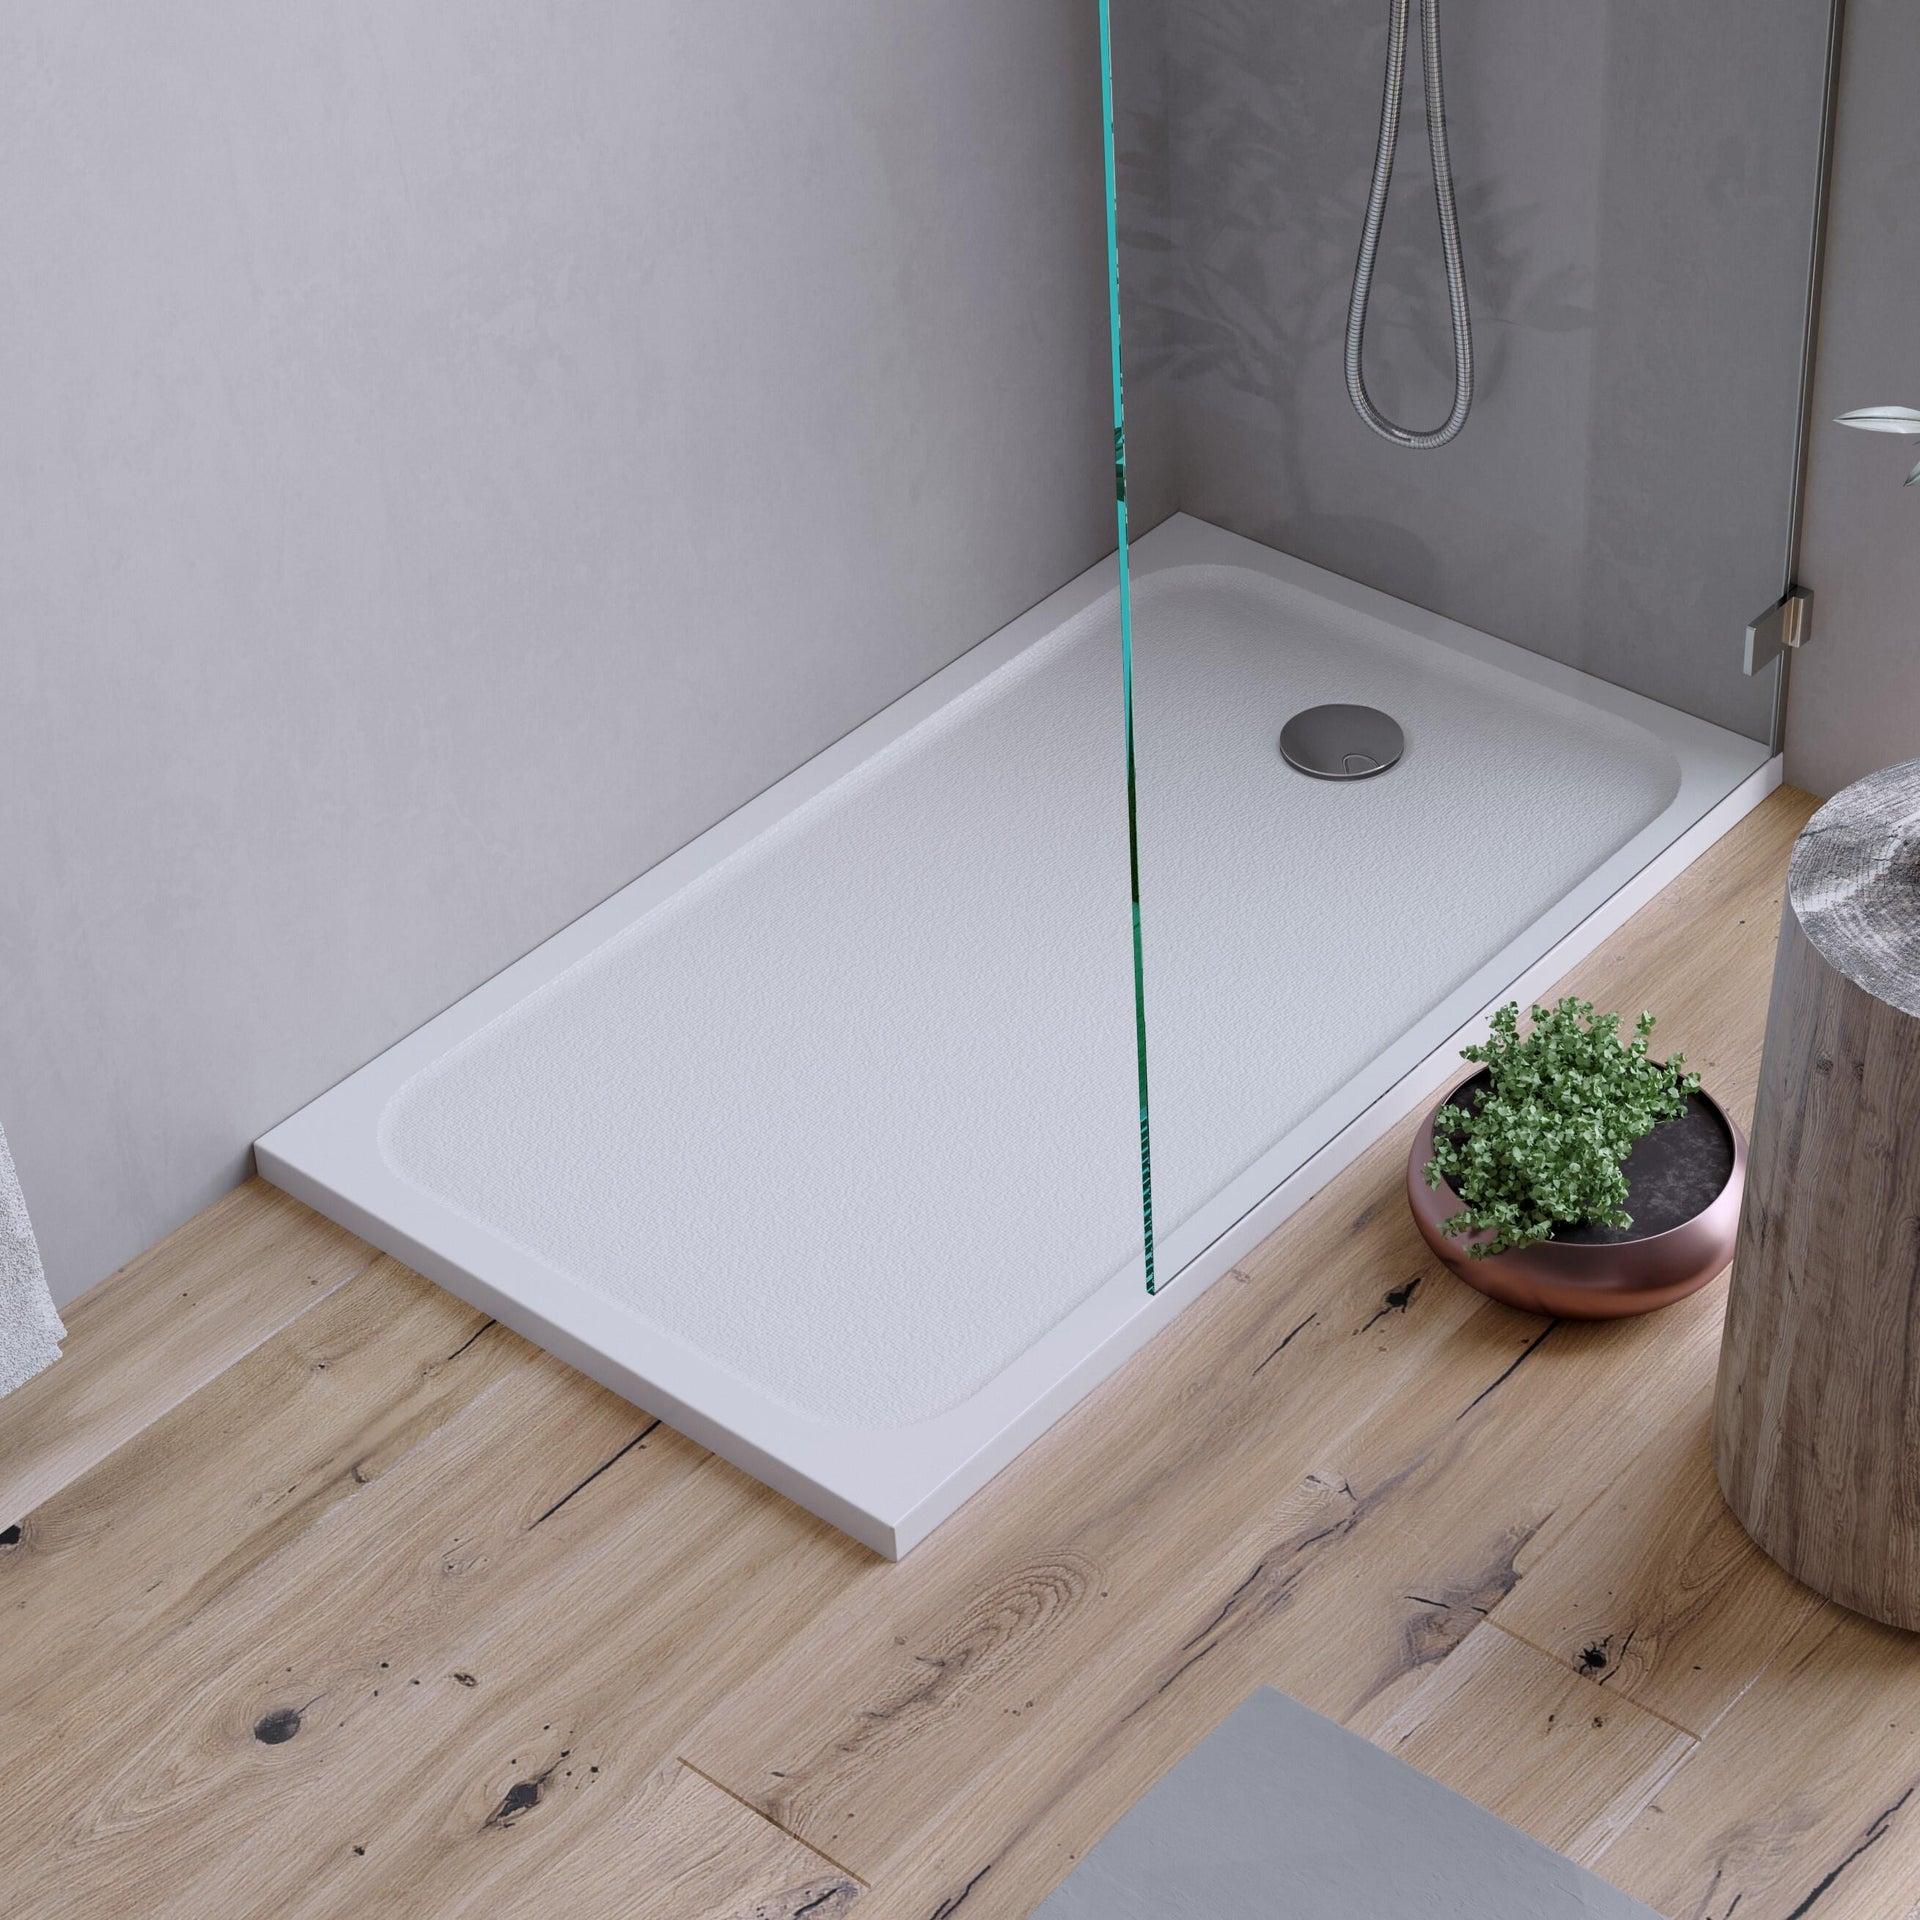 Piatto doccia resina sintetica e polvere di marmo Easy 80 x 120 cm bianco - 9